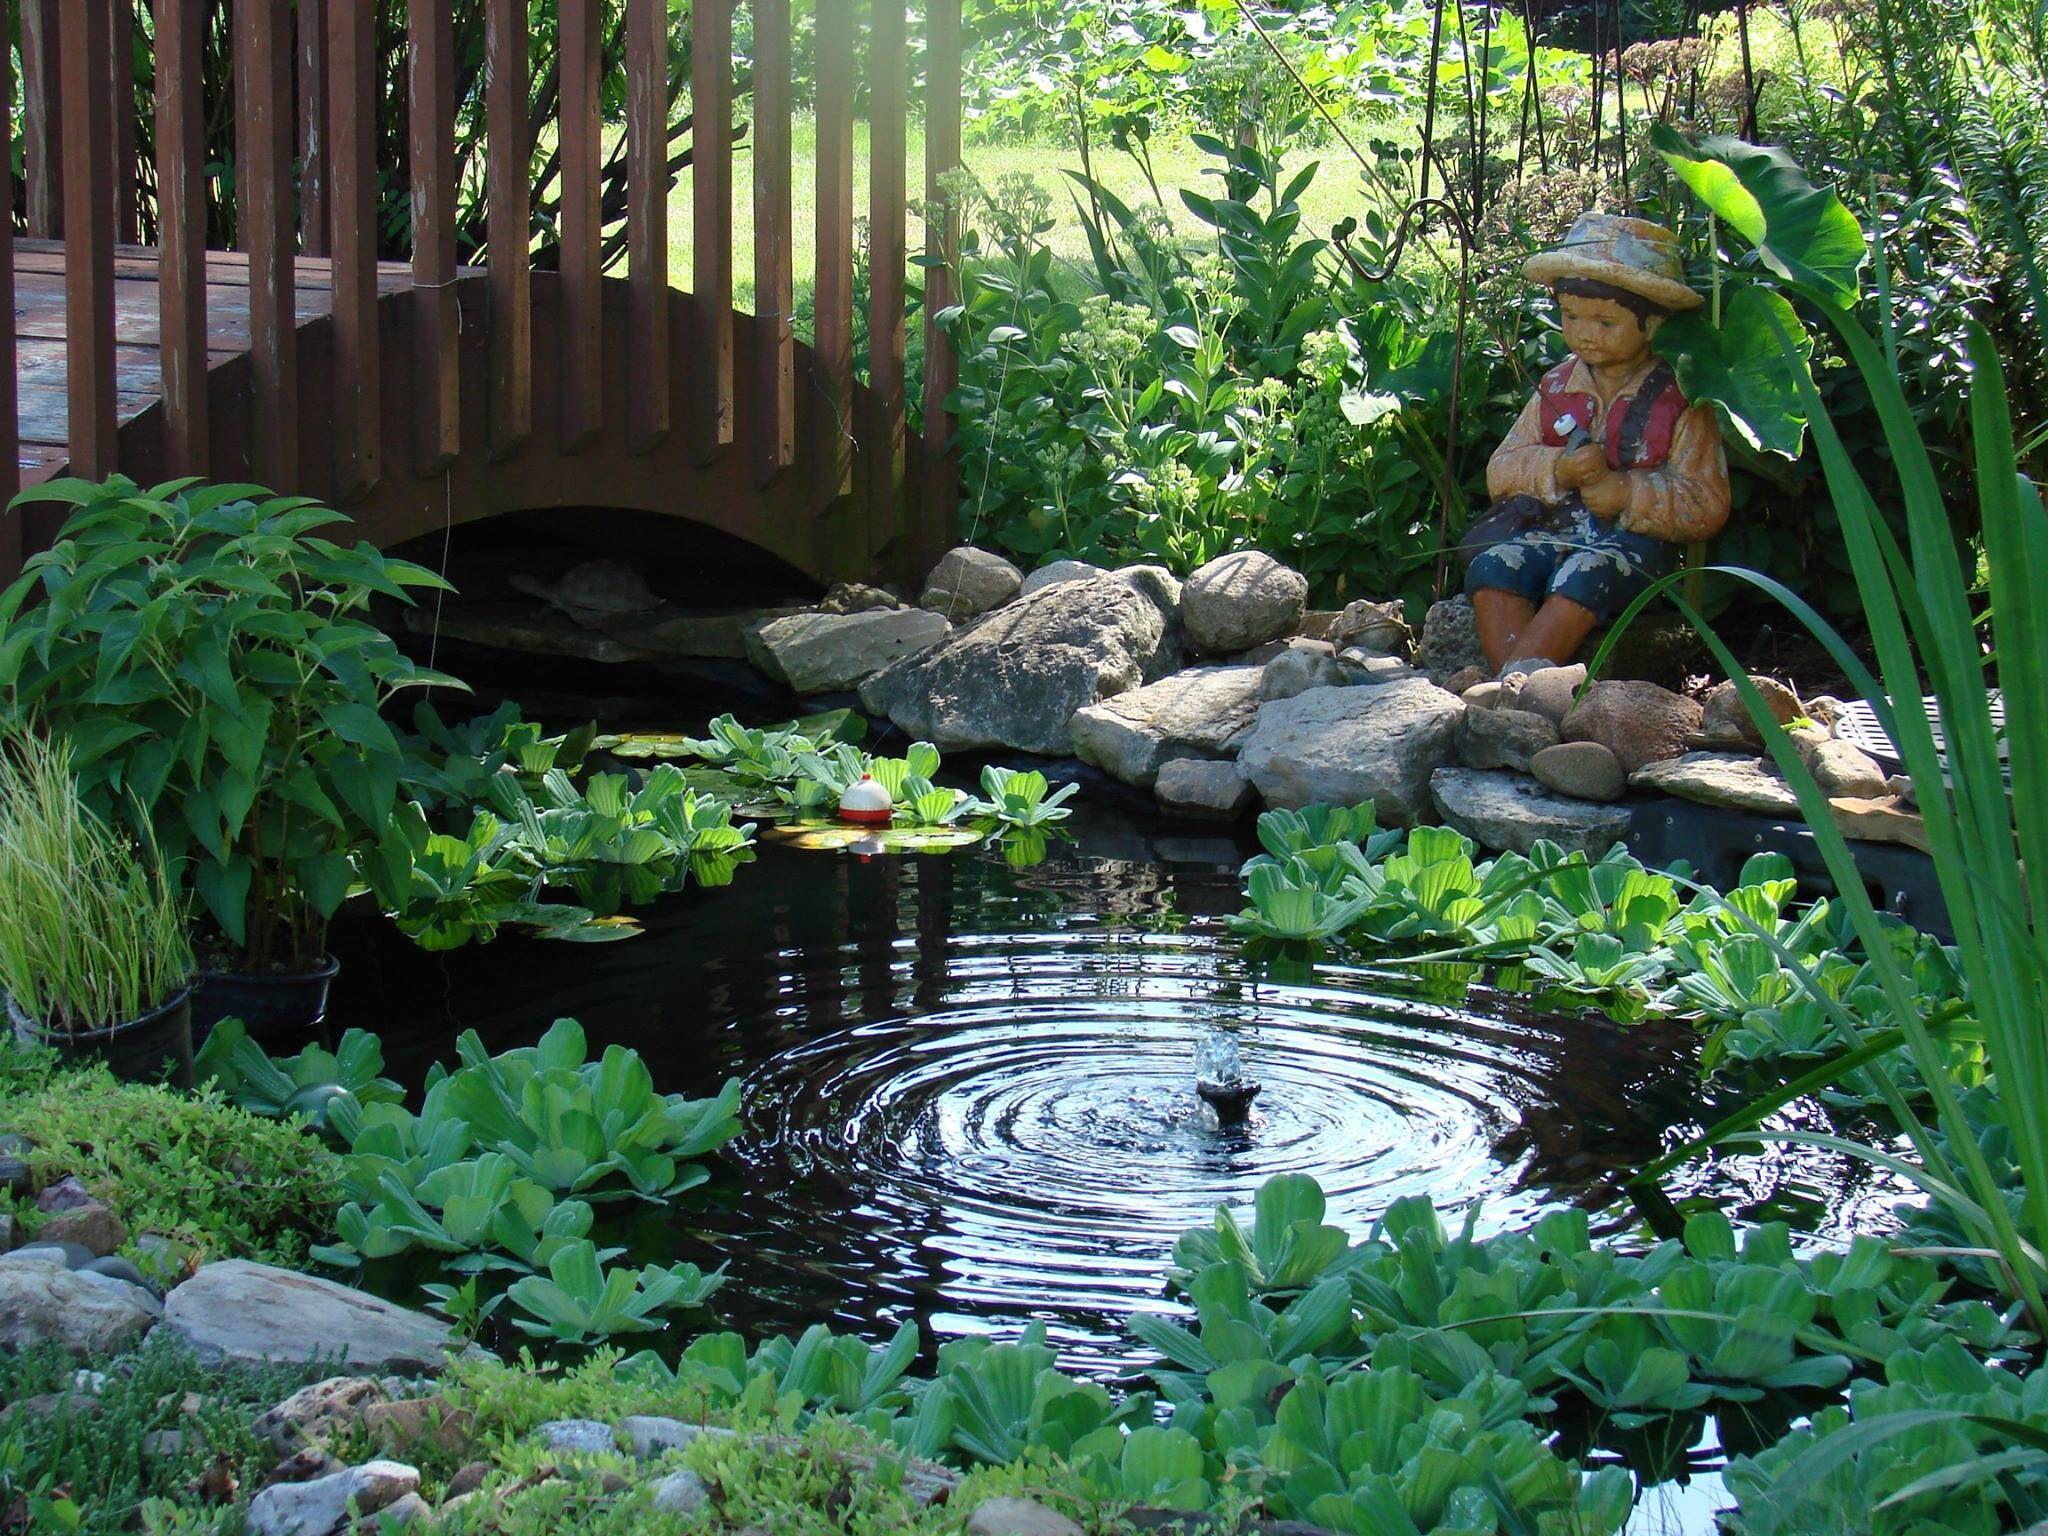 Bassin Préformé Hors Sol 42 best backyard ponds images in 2020 | ponds backyard